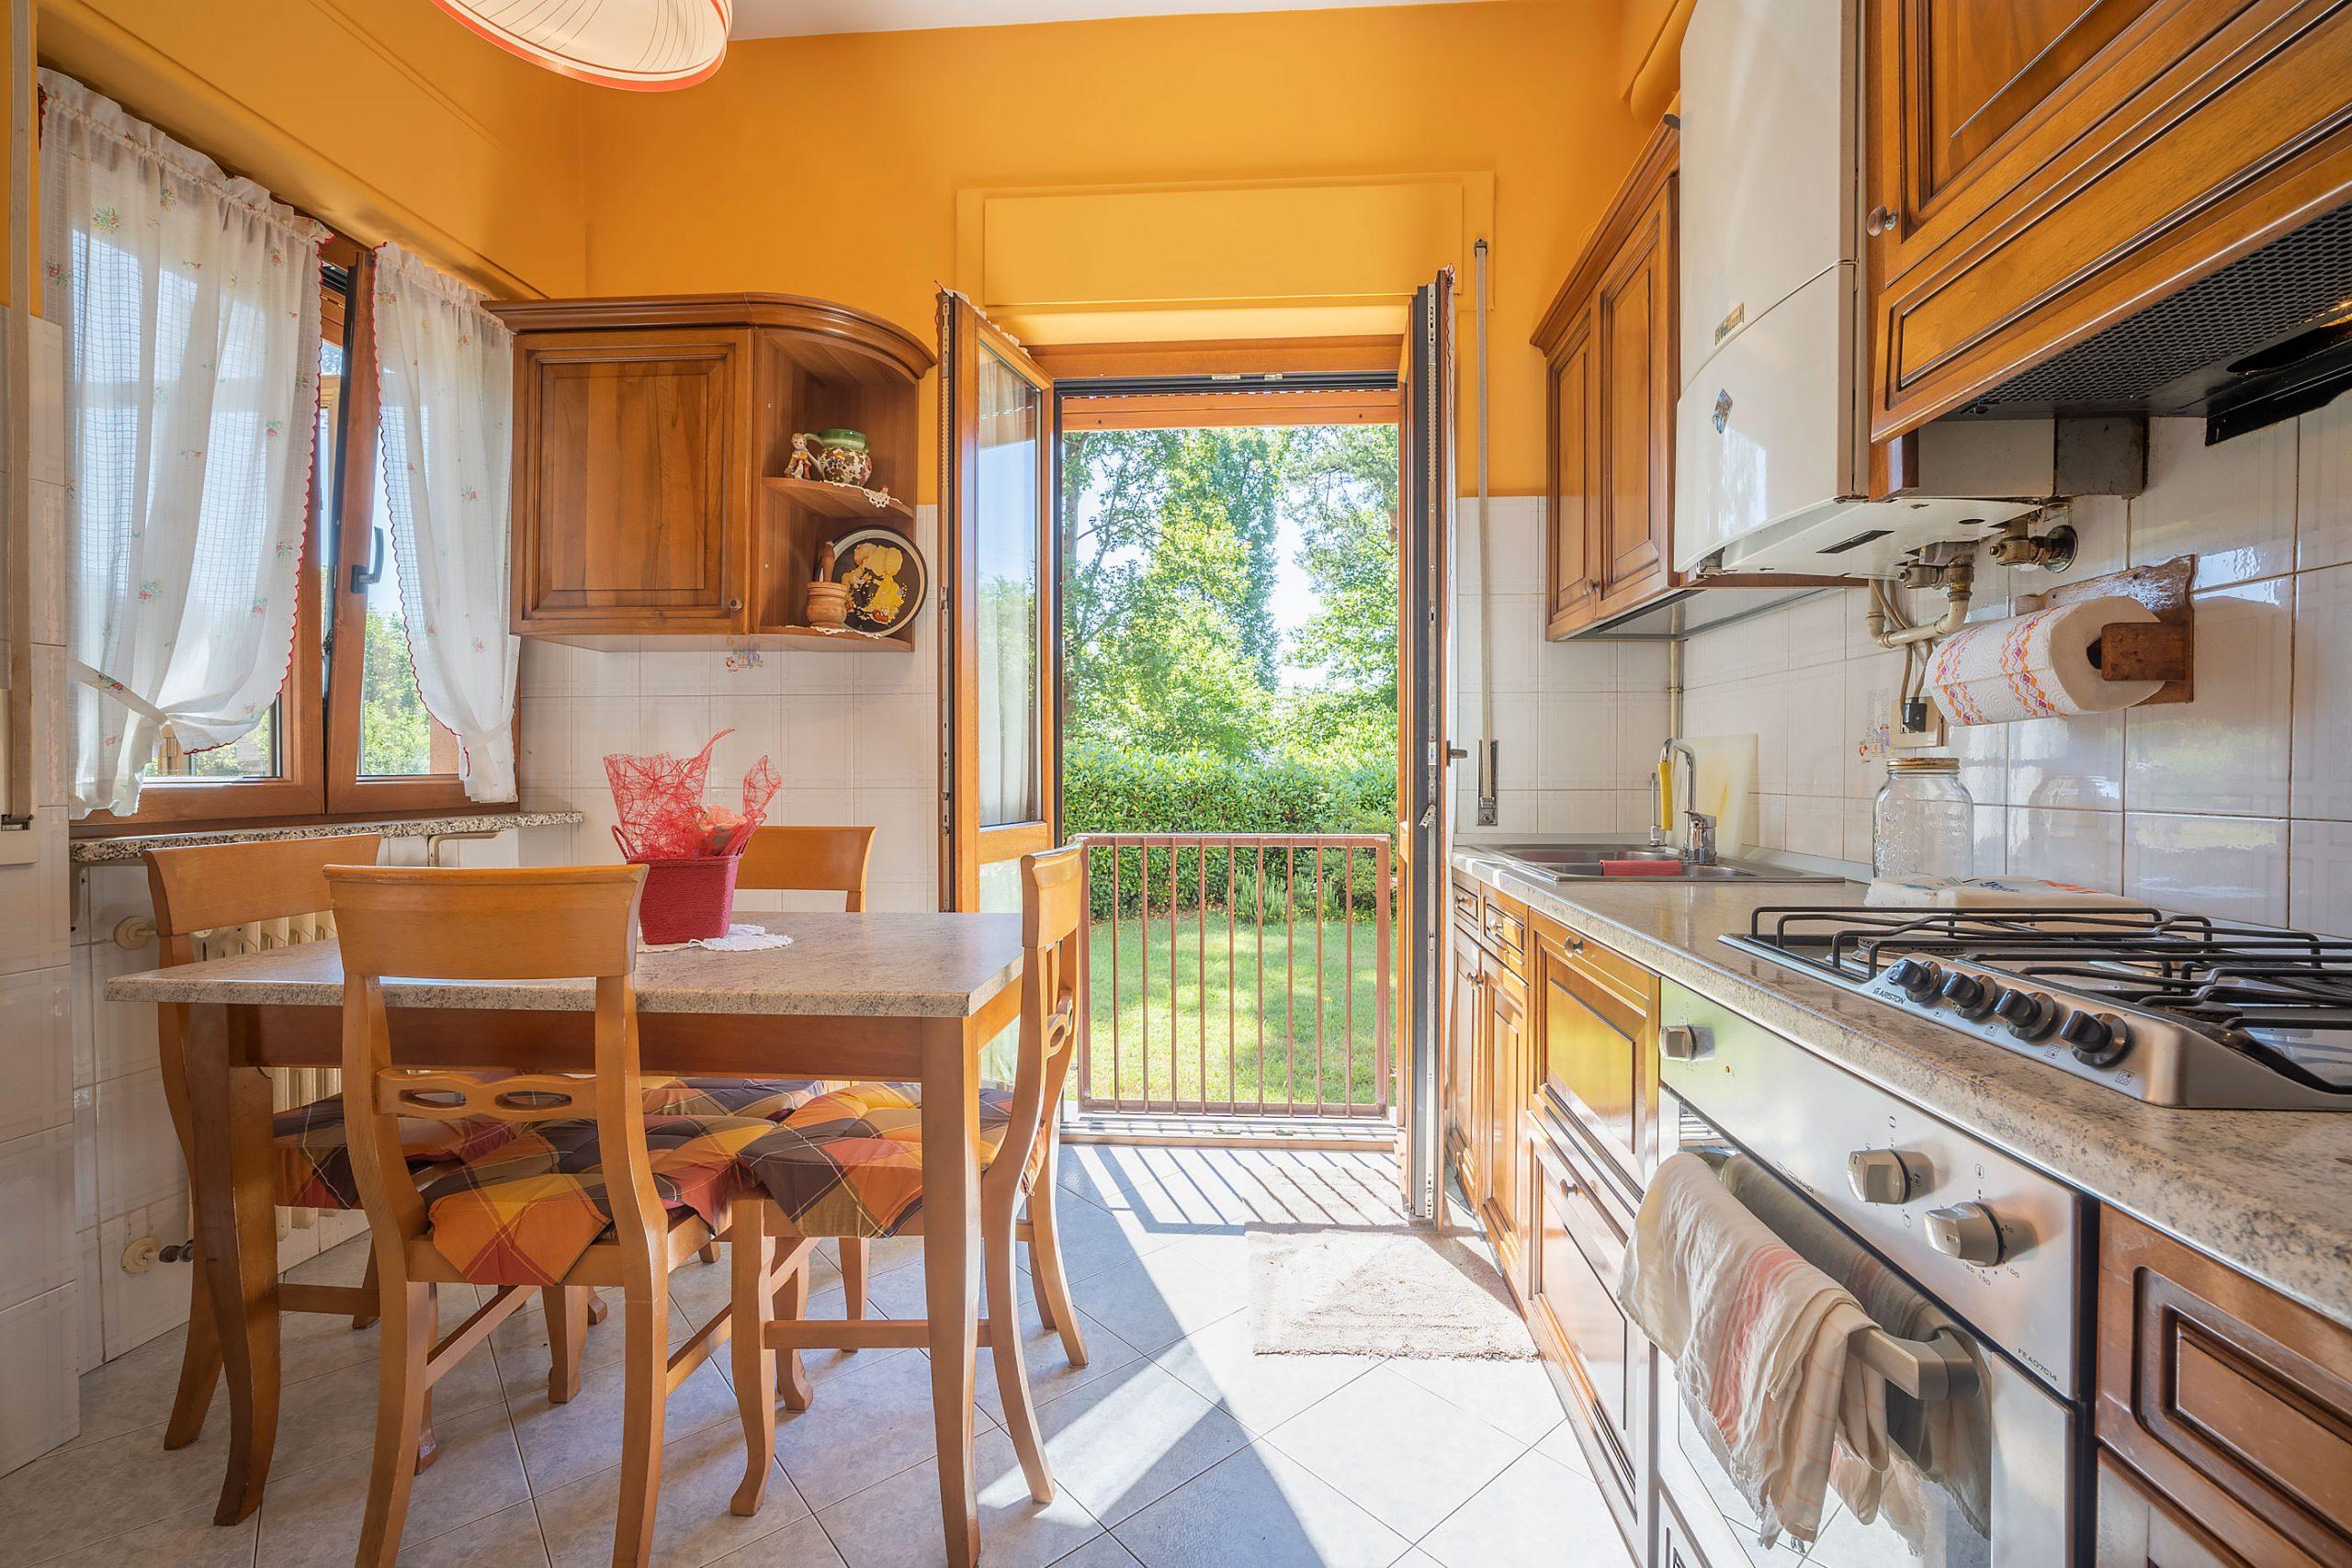 GOZZANO Appartamento con due camere e giardino